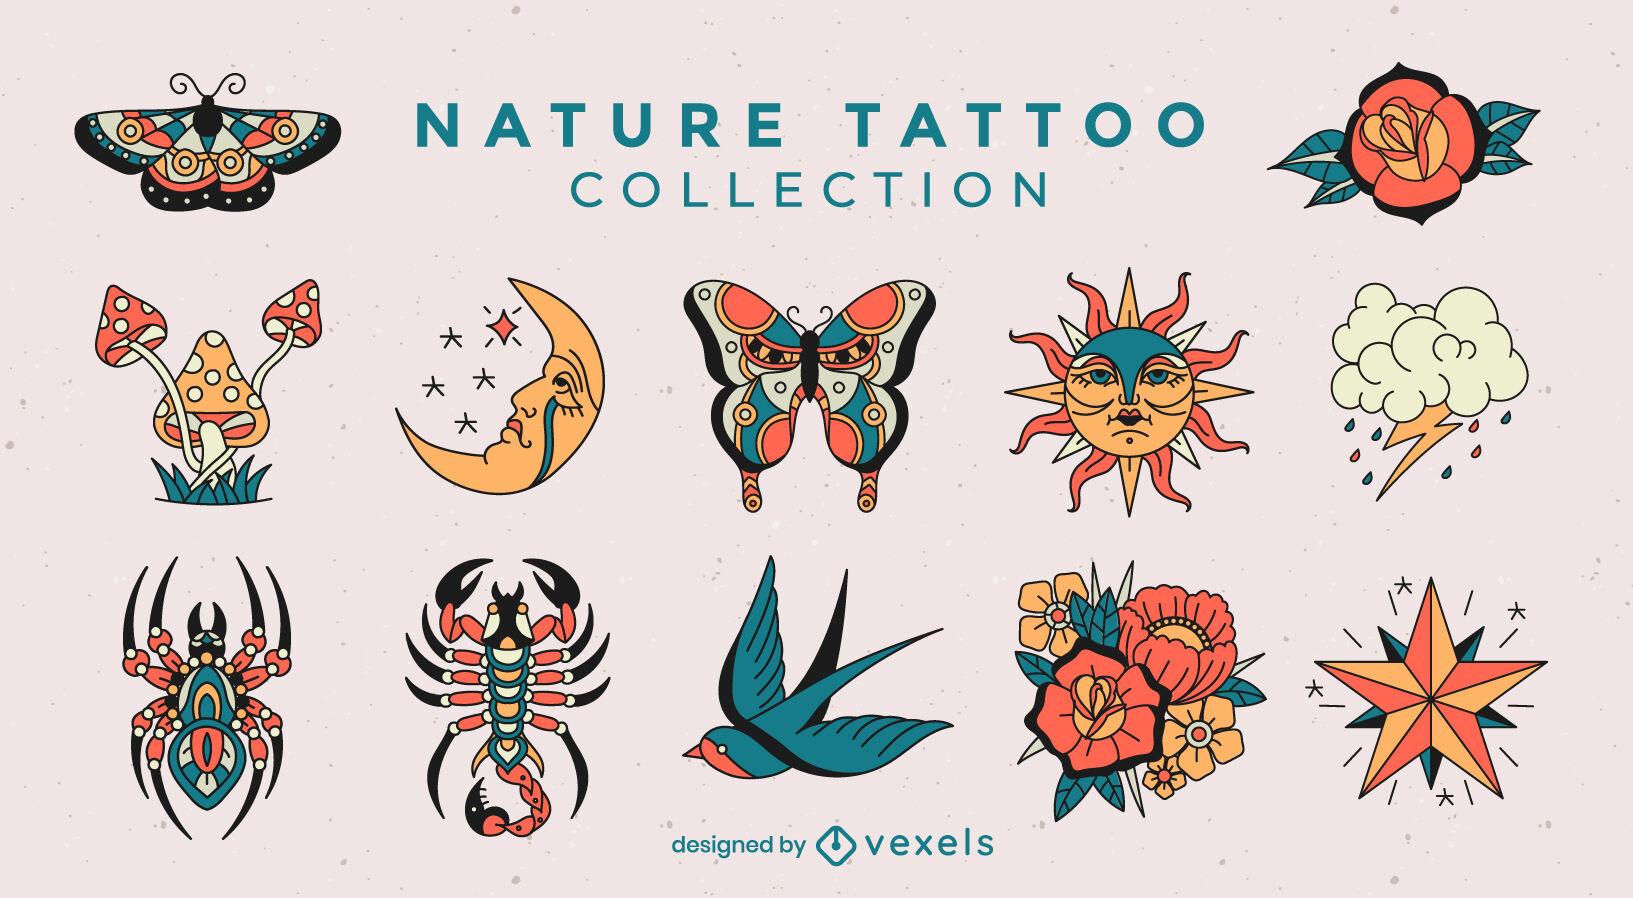 Elementos da natureza definidos no estilo tatuagem